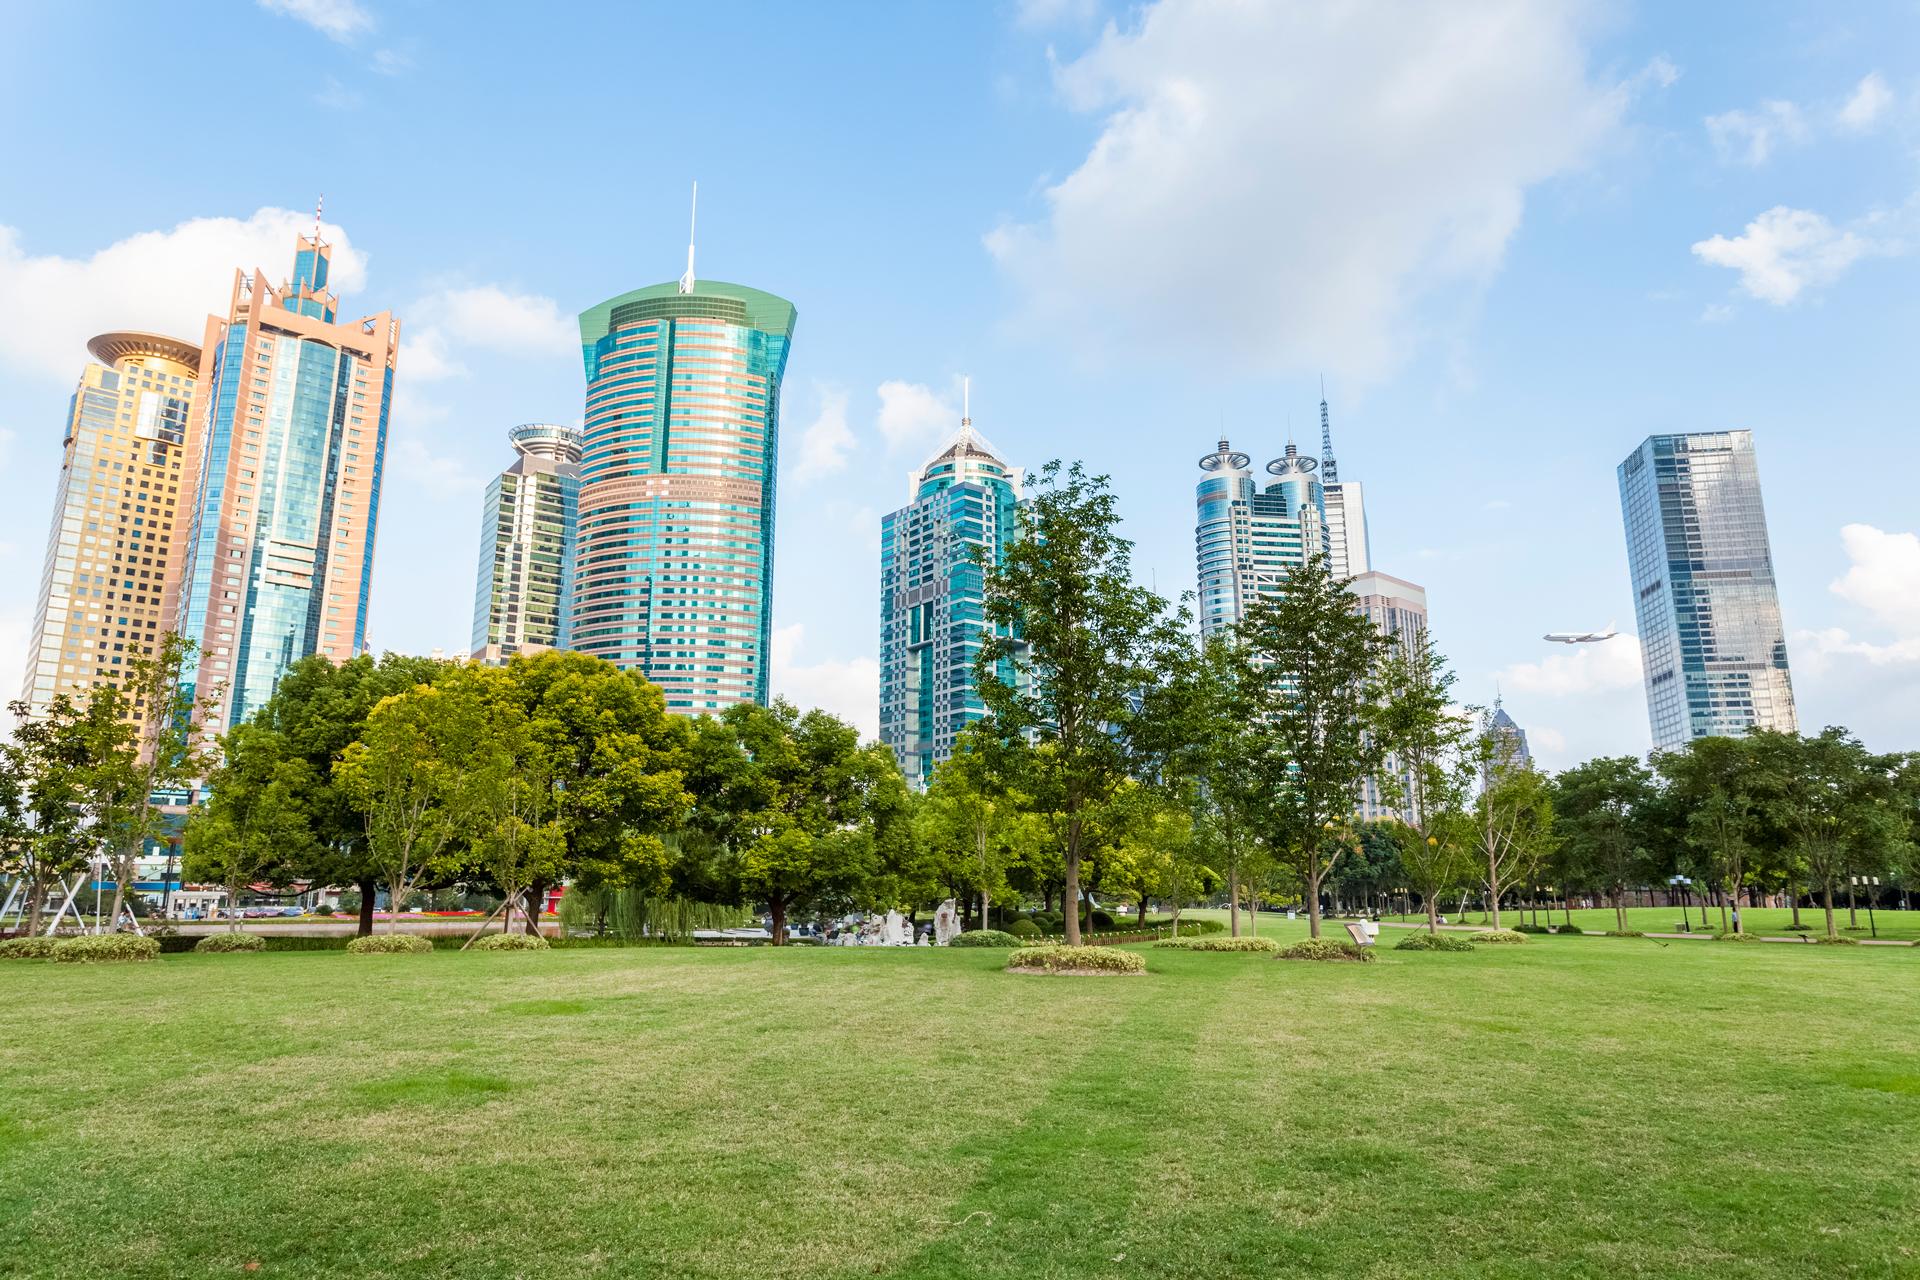 Le Smart city del futuro: tra innovazione tecnologica, risparmio energetico e sostenibilità ambientale